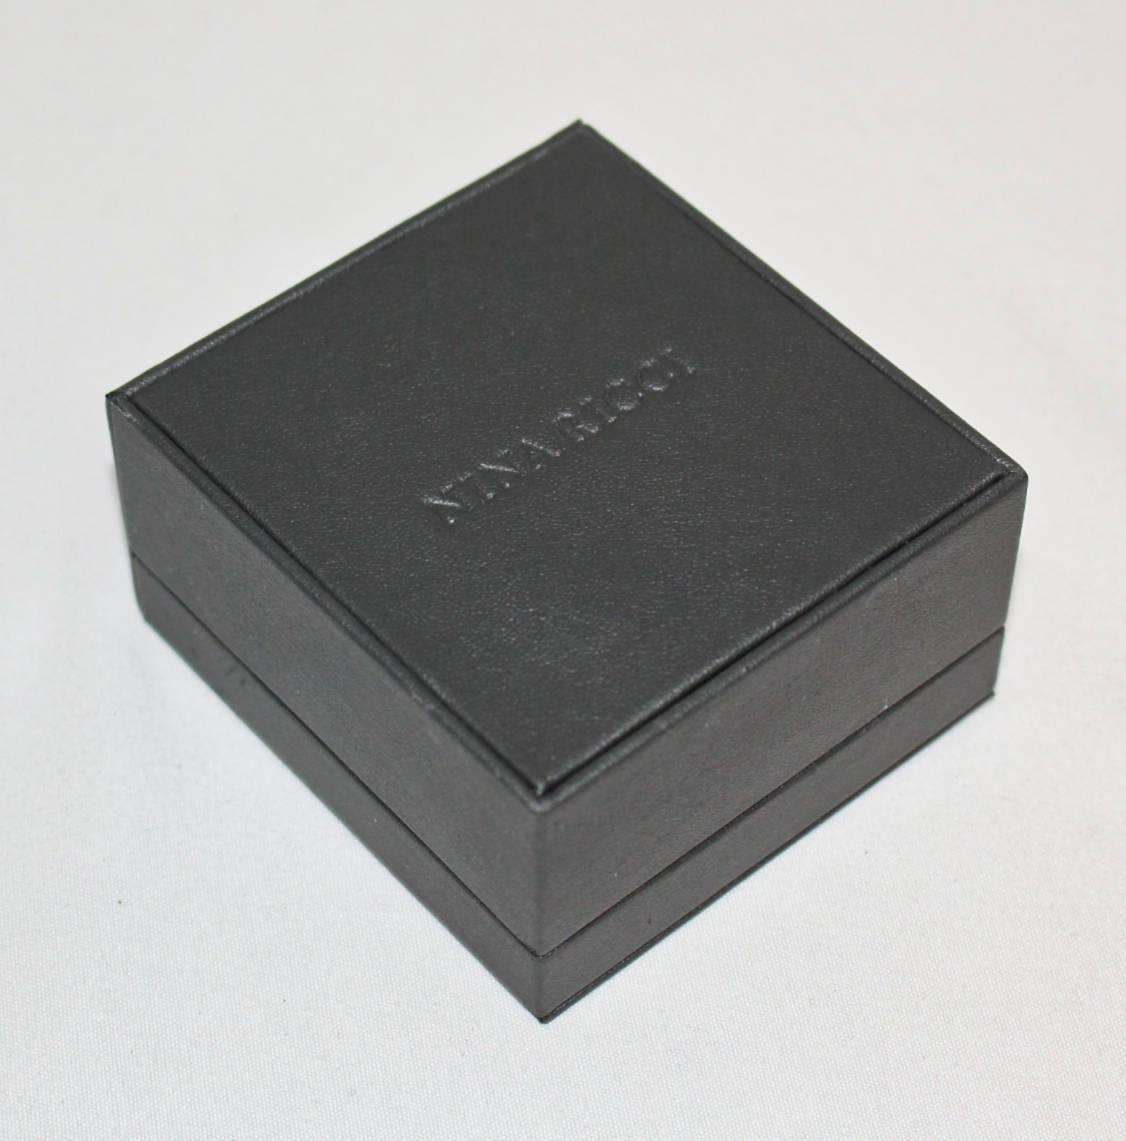 《NINA RICCI ニナリッチ》箱付新品 定価14,300円 エンボスストライプ カフリンクス カフス メンズ レッドゴールド プレゼントにも A2065_画像5